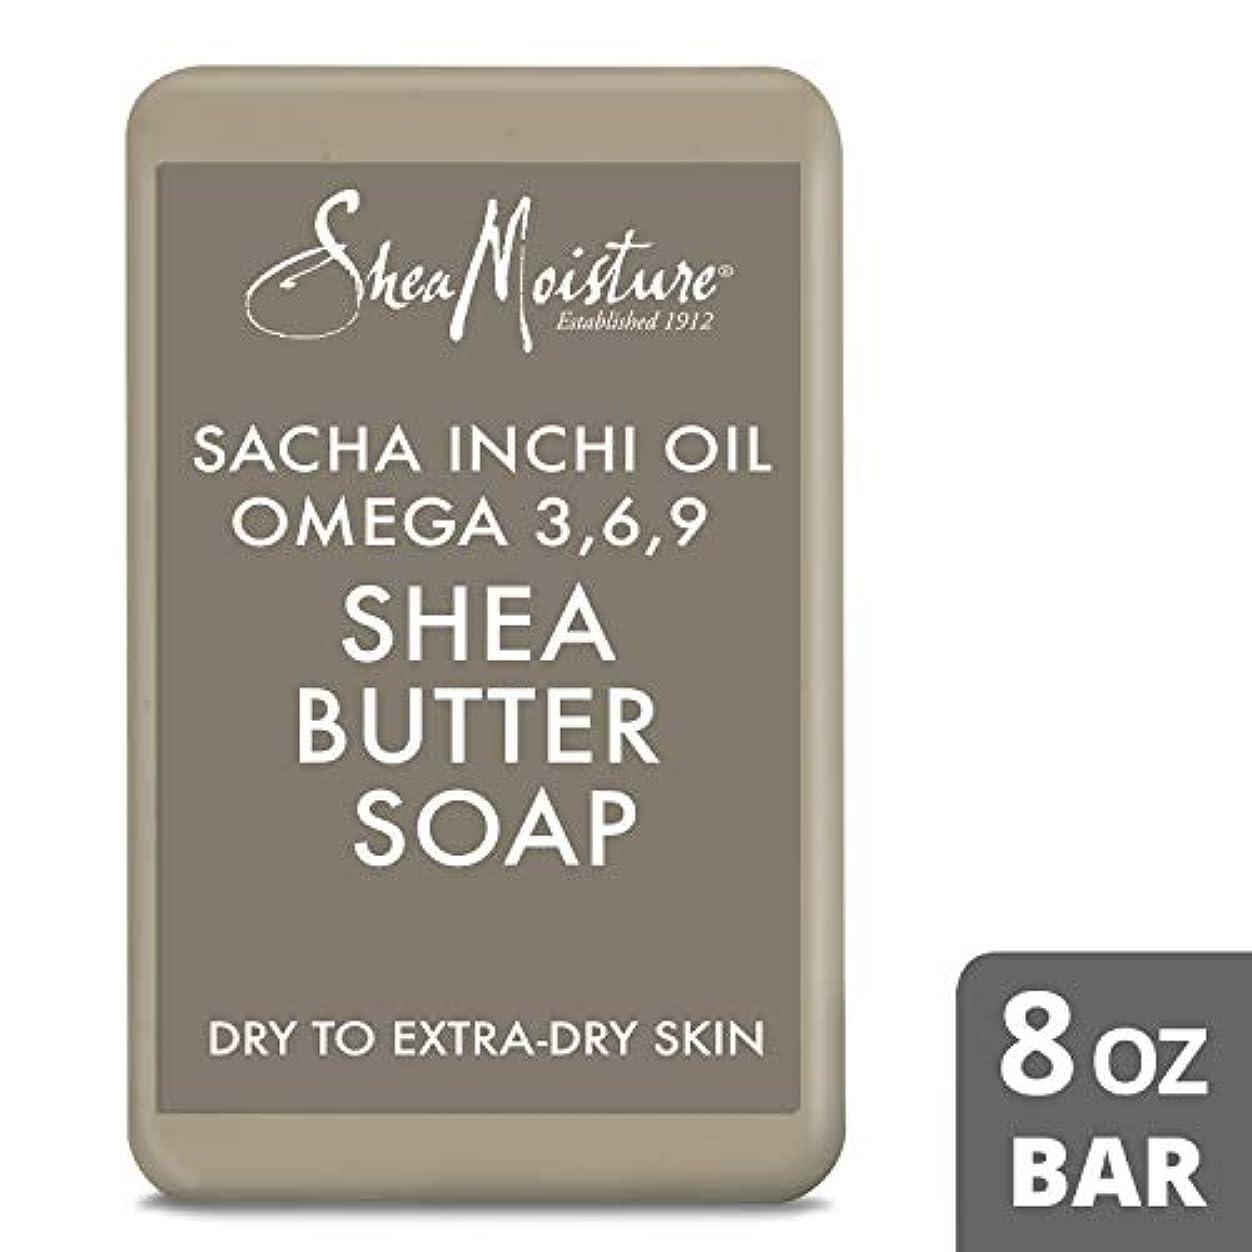 見込み自然シャツShea Moisture U-BB-2718 Sacha Inchi Oil Omega-3-6-9 Rescue Shea Butter Soap - Dry to Extra-Dry Skin for Unisex...